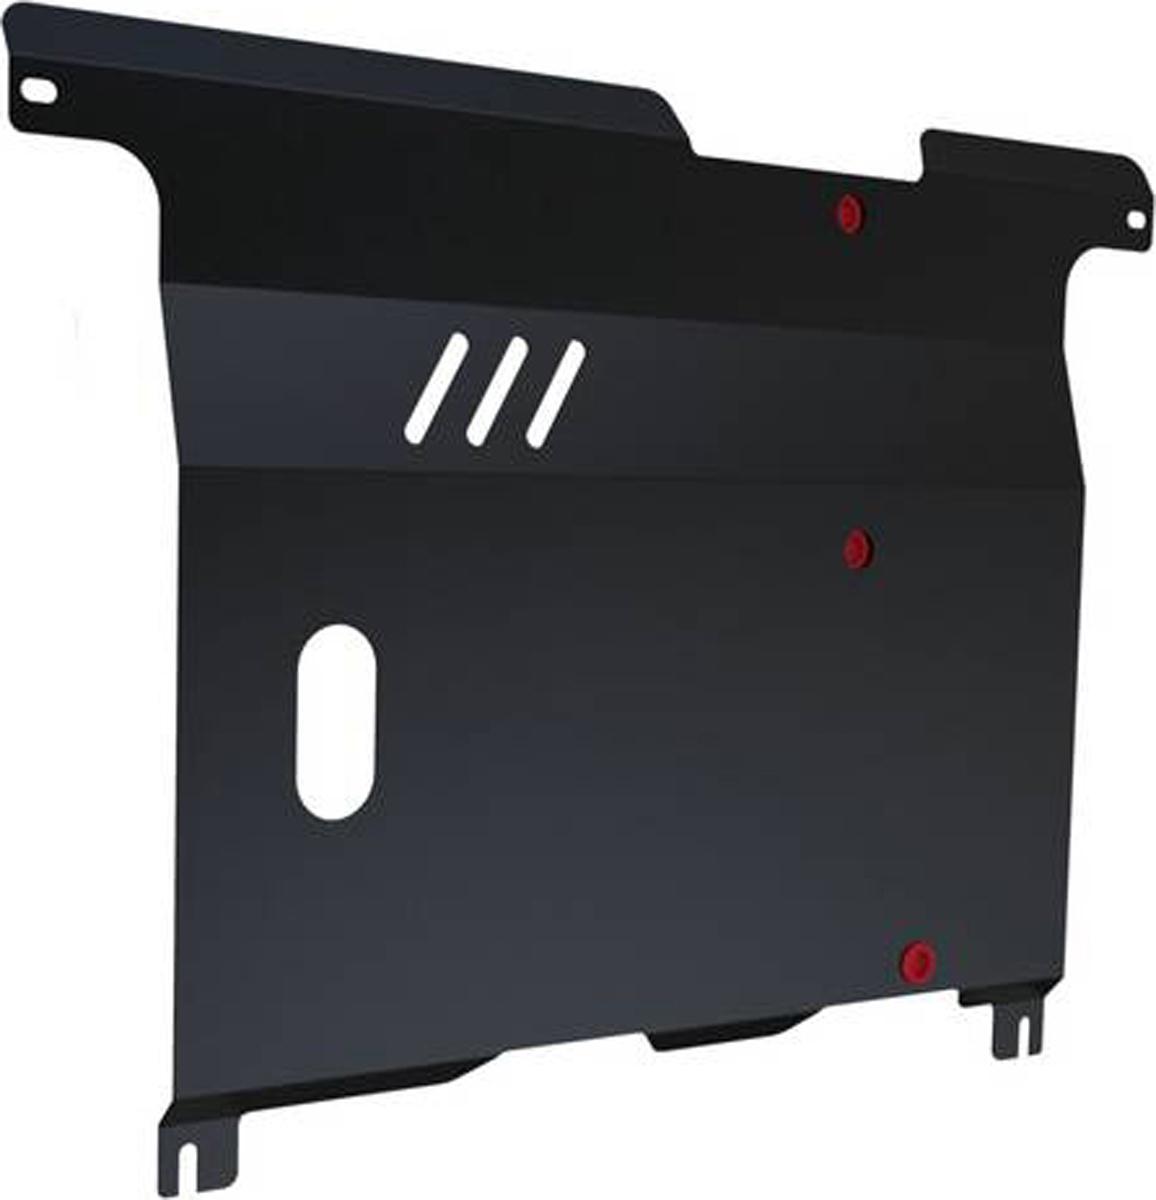 Защита картера и КПП Автоброня Mazda 121 1996-2000/Mazda Demio 1997-2003, сталь 2 мм111.03808.1Защита картера и КПП Автоброня для Mazda 121, V - 1,3; 1,8D 1996-2000/Mazda Demio, V - 1,3 1997-2003, сталь 2 мм, комплект крепежа, 111.03808.1Стальные защиты Автоброня надежно защищают ваш автомобиль от повреждений при наезде на бордюры, выступающие канализационные люки, кромки поврежденного асфальта или при ремонте дорог, не говоря уже о загородных дорогах. - Имеют оптимальное соотношение цена-качество. - Спроектированы с учетом особенностей автомобиля, что делает установку удобной. - Защита устанавливается в штатные места кузова автомобиля. - Является надежной защитой для важных элементов на протяжении долгих лет. - Глубокий штамп дополнительно усиливает конструкцию защиты. - Подштамповка в местах крепления защищает крепеж от срезания. - Технологические отверстия там, где они необходимы для смены масла и слива воды, оборудованные заглушками, закрепленными на защите. Толщина стали 2 мм. В комплекте крепеж и инструкция по установке.Уважаемые клиенты! Обращаем ваше внимание на тот факт, что защита имеет форму, соответствующую модели данного автомобиля. Наличие глубокого штампа и лючков для смены фильтров/масла предусмотрено не на всех защитах. Фото служит для визуального восприятия товара.